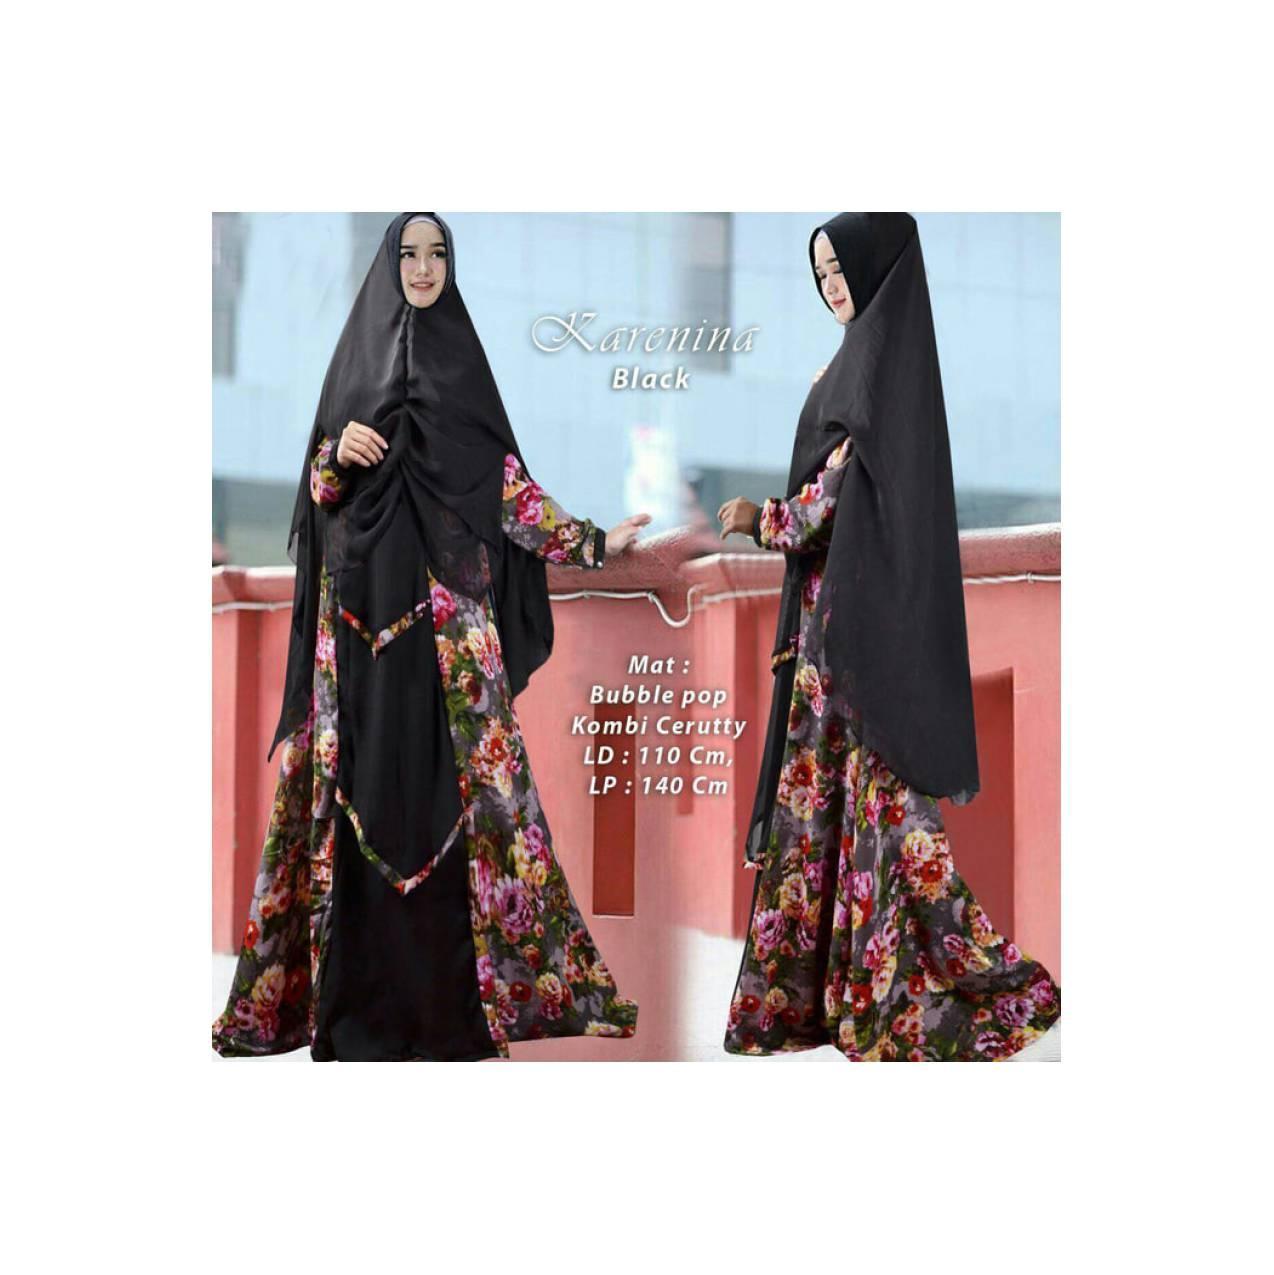 Baju Pengantin Muslimah 120271 GAMIS JUMBO SYARI KARENINA BLACK